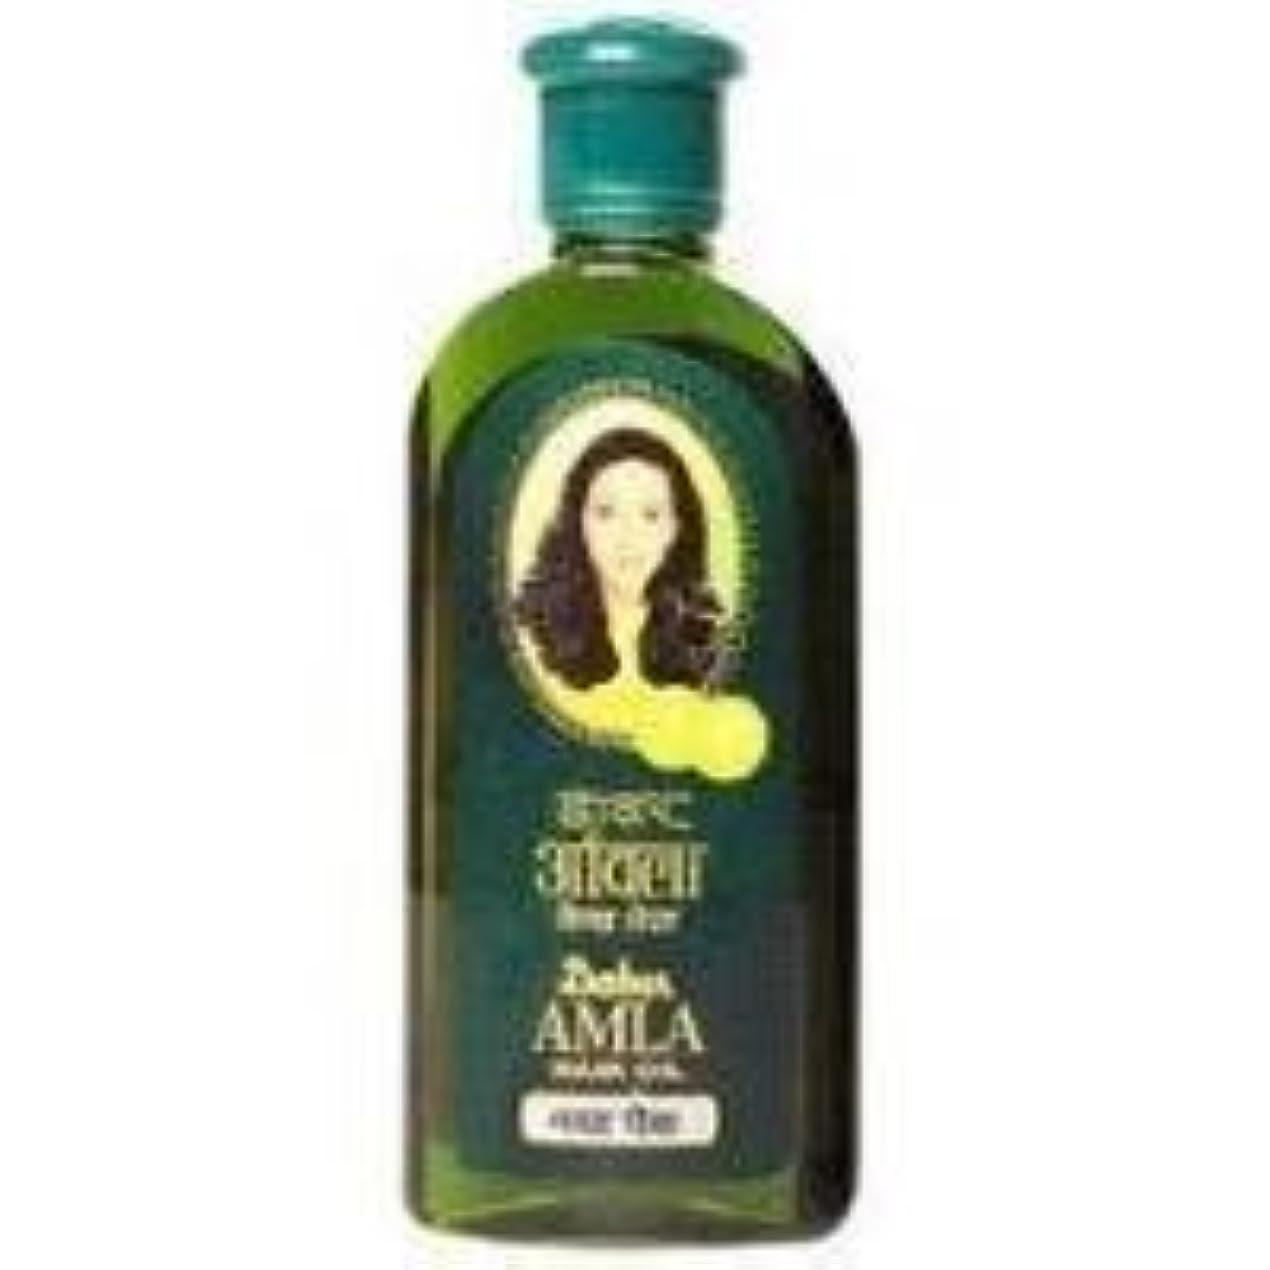 テレビを見る二度引用Dabur Amla Hair Oil, 500 ml Bottle by Dabur [並行輸入品]